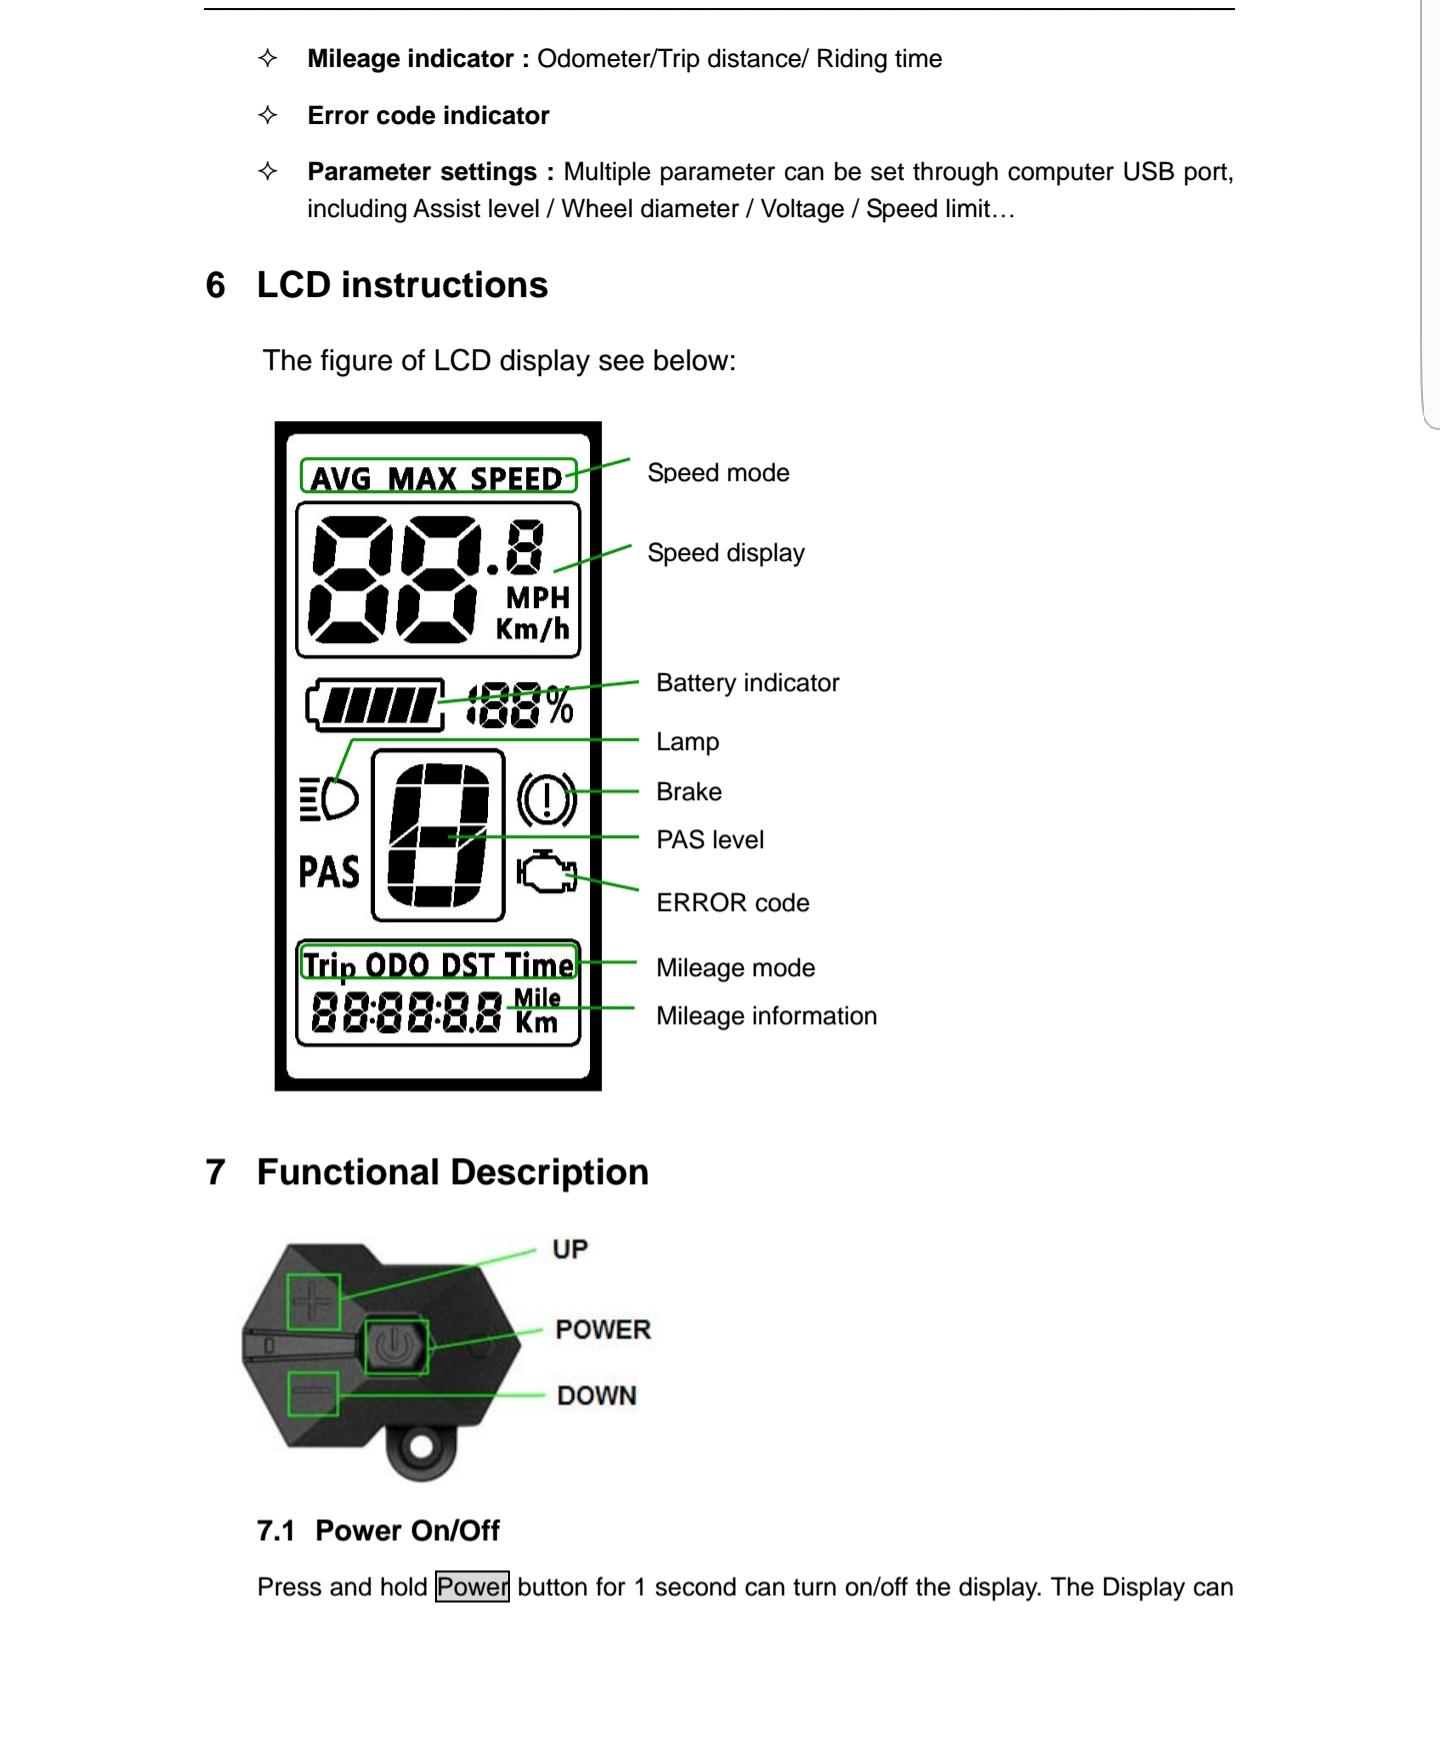 BAFANG 8FUN BBS 01 02 HD дісплей С965 інструкція на українській